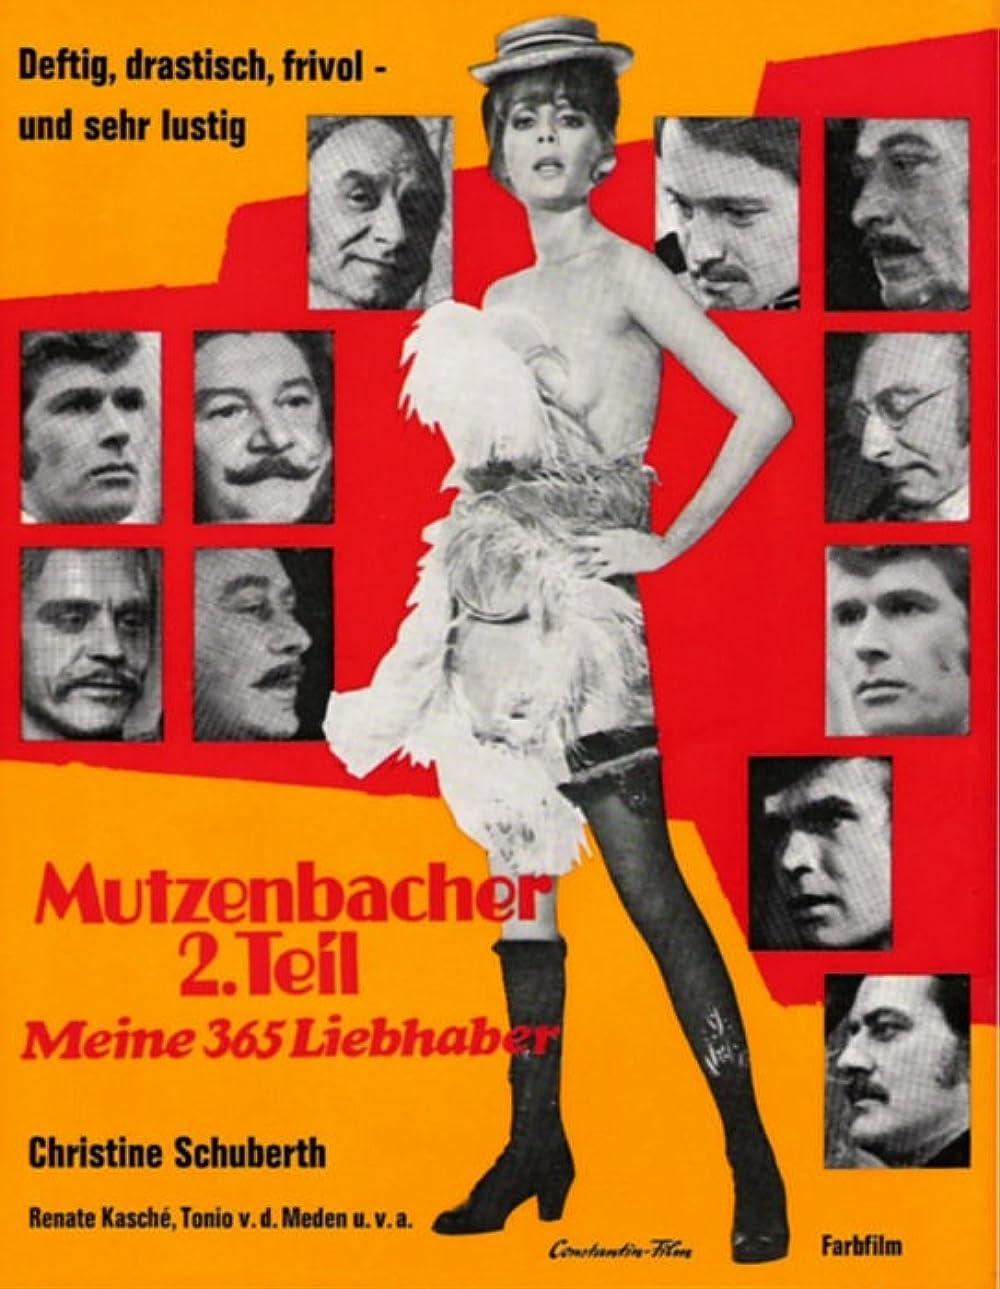 Mutzenbacher movie josefine 16 Werner